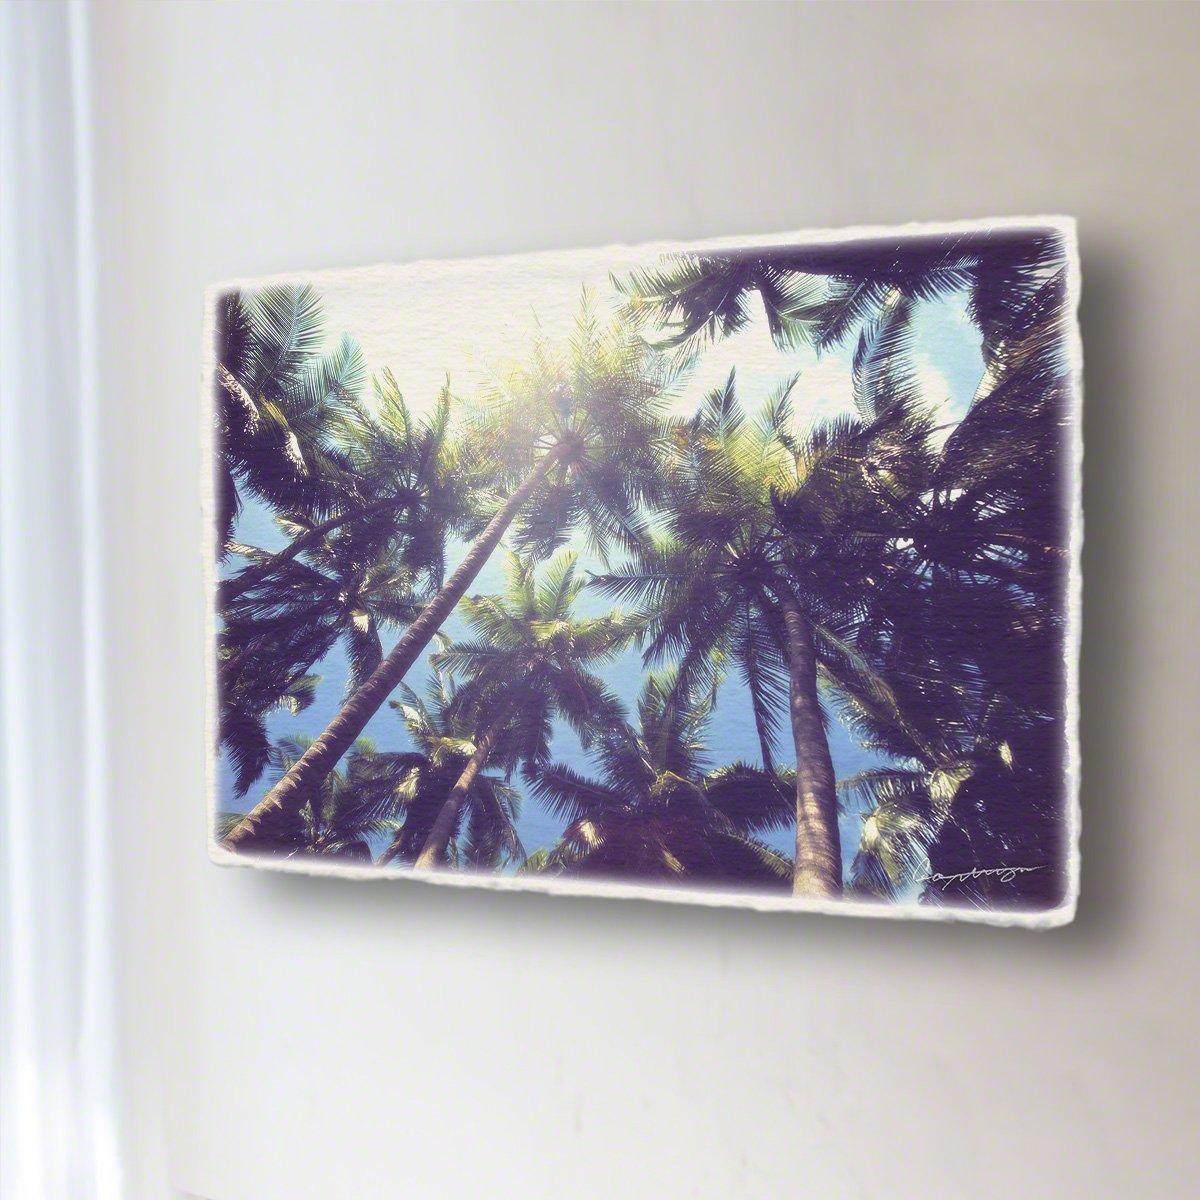 和紙 アートパネル 「青空と太陽とヤシの木」 (54x36cm) 絵 絵画 壁掛け 壁飾り インテリア アート B07DRBYXGC 15.アートパネル(長辺54cm) 29800円|青空と太陽とヤシの木 青空と太陽とヤシの木 15.アートパネル(長辺54cm) 29800円